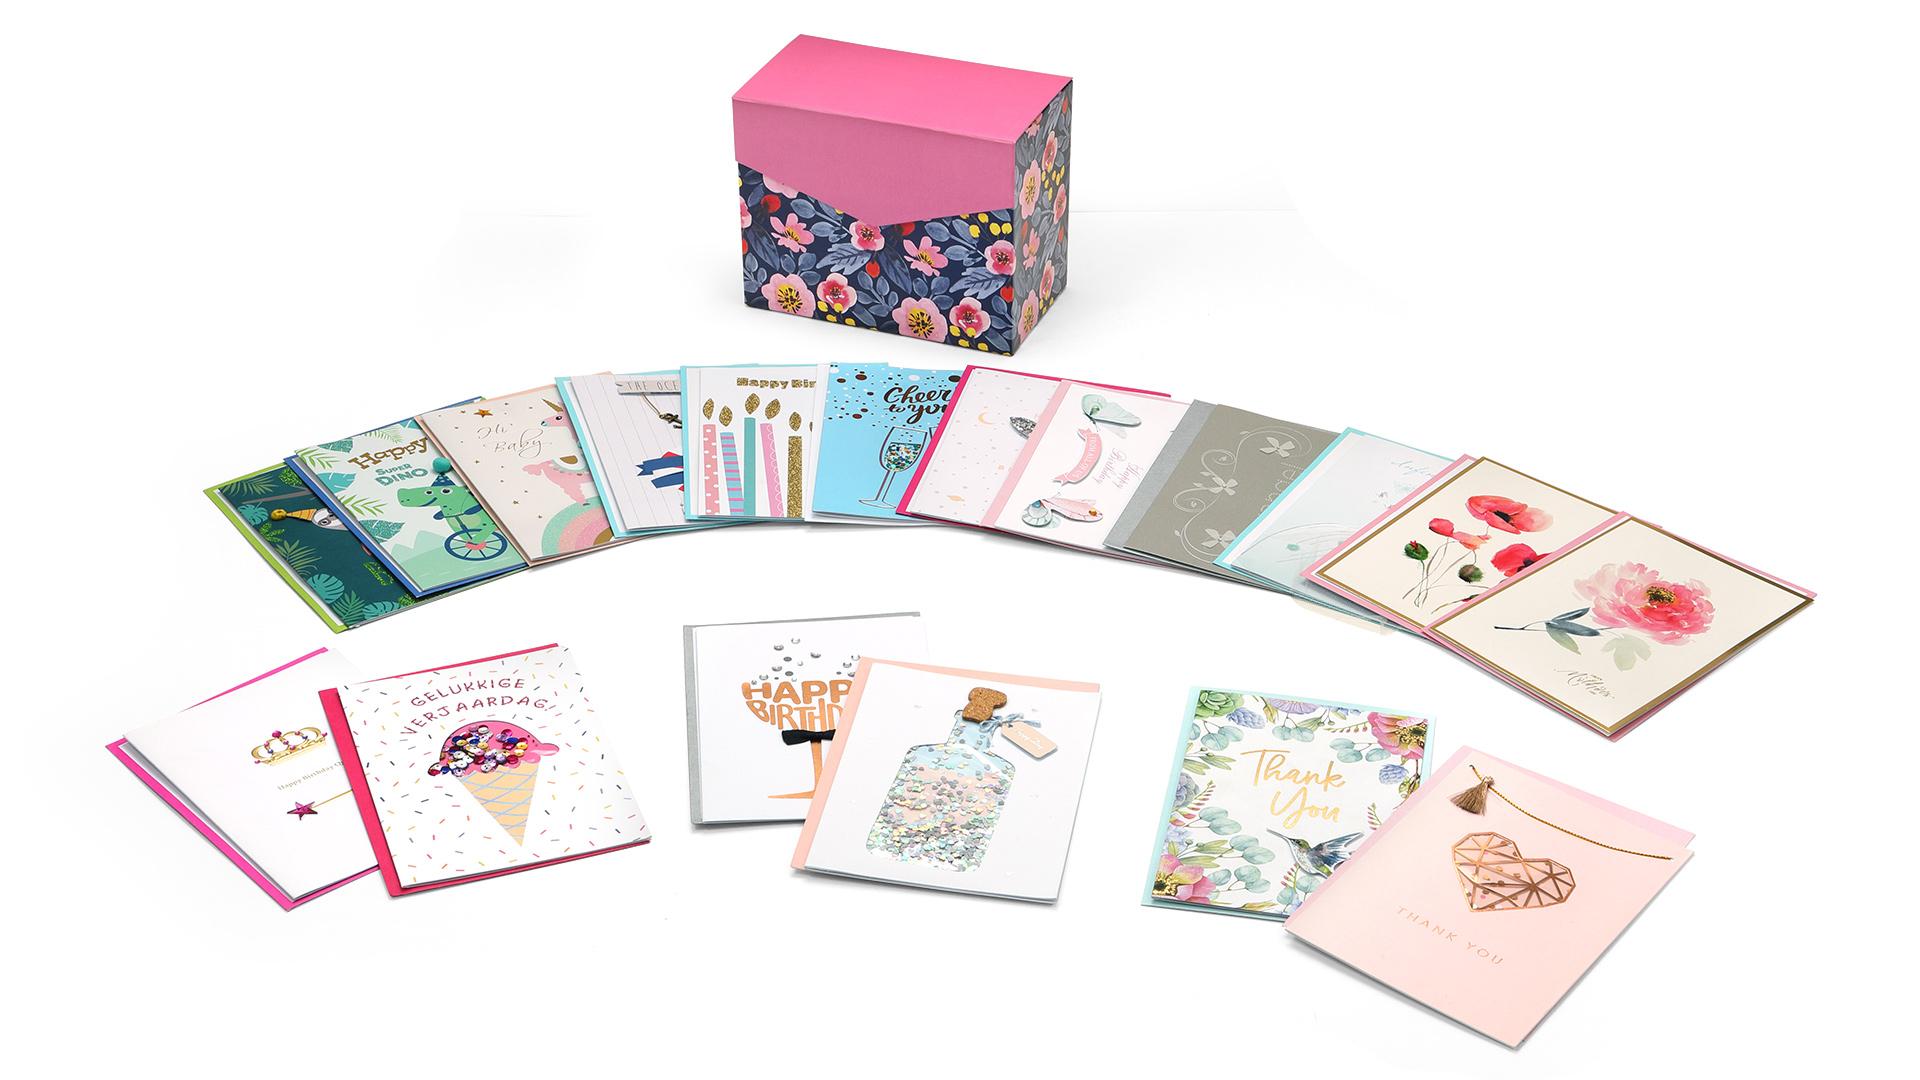 24 toptan el yapımı kutulu tebrik kartları Set, toplu tüm durum çeşitli tebrik kartları zarflar ile